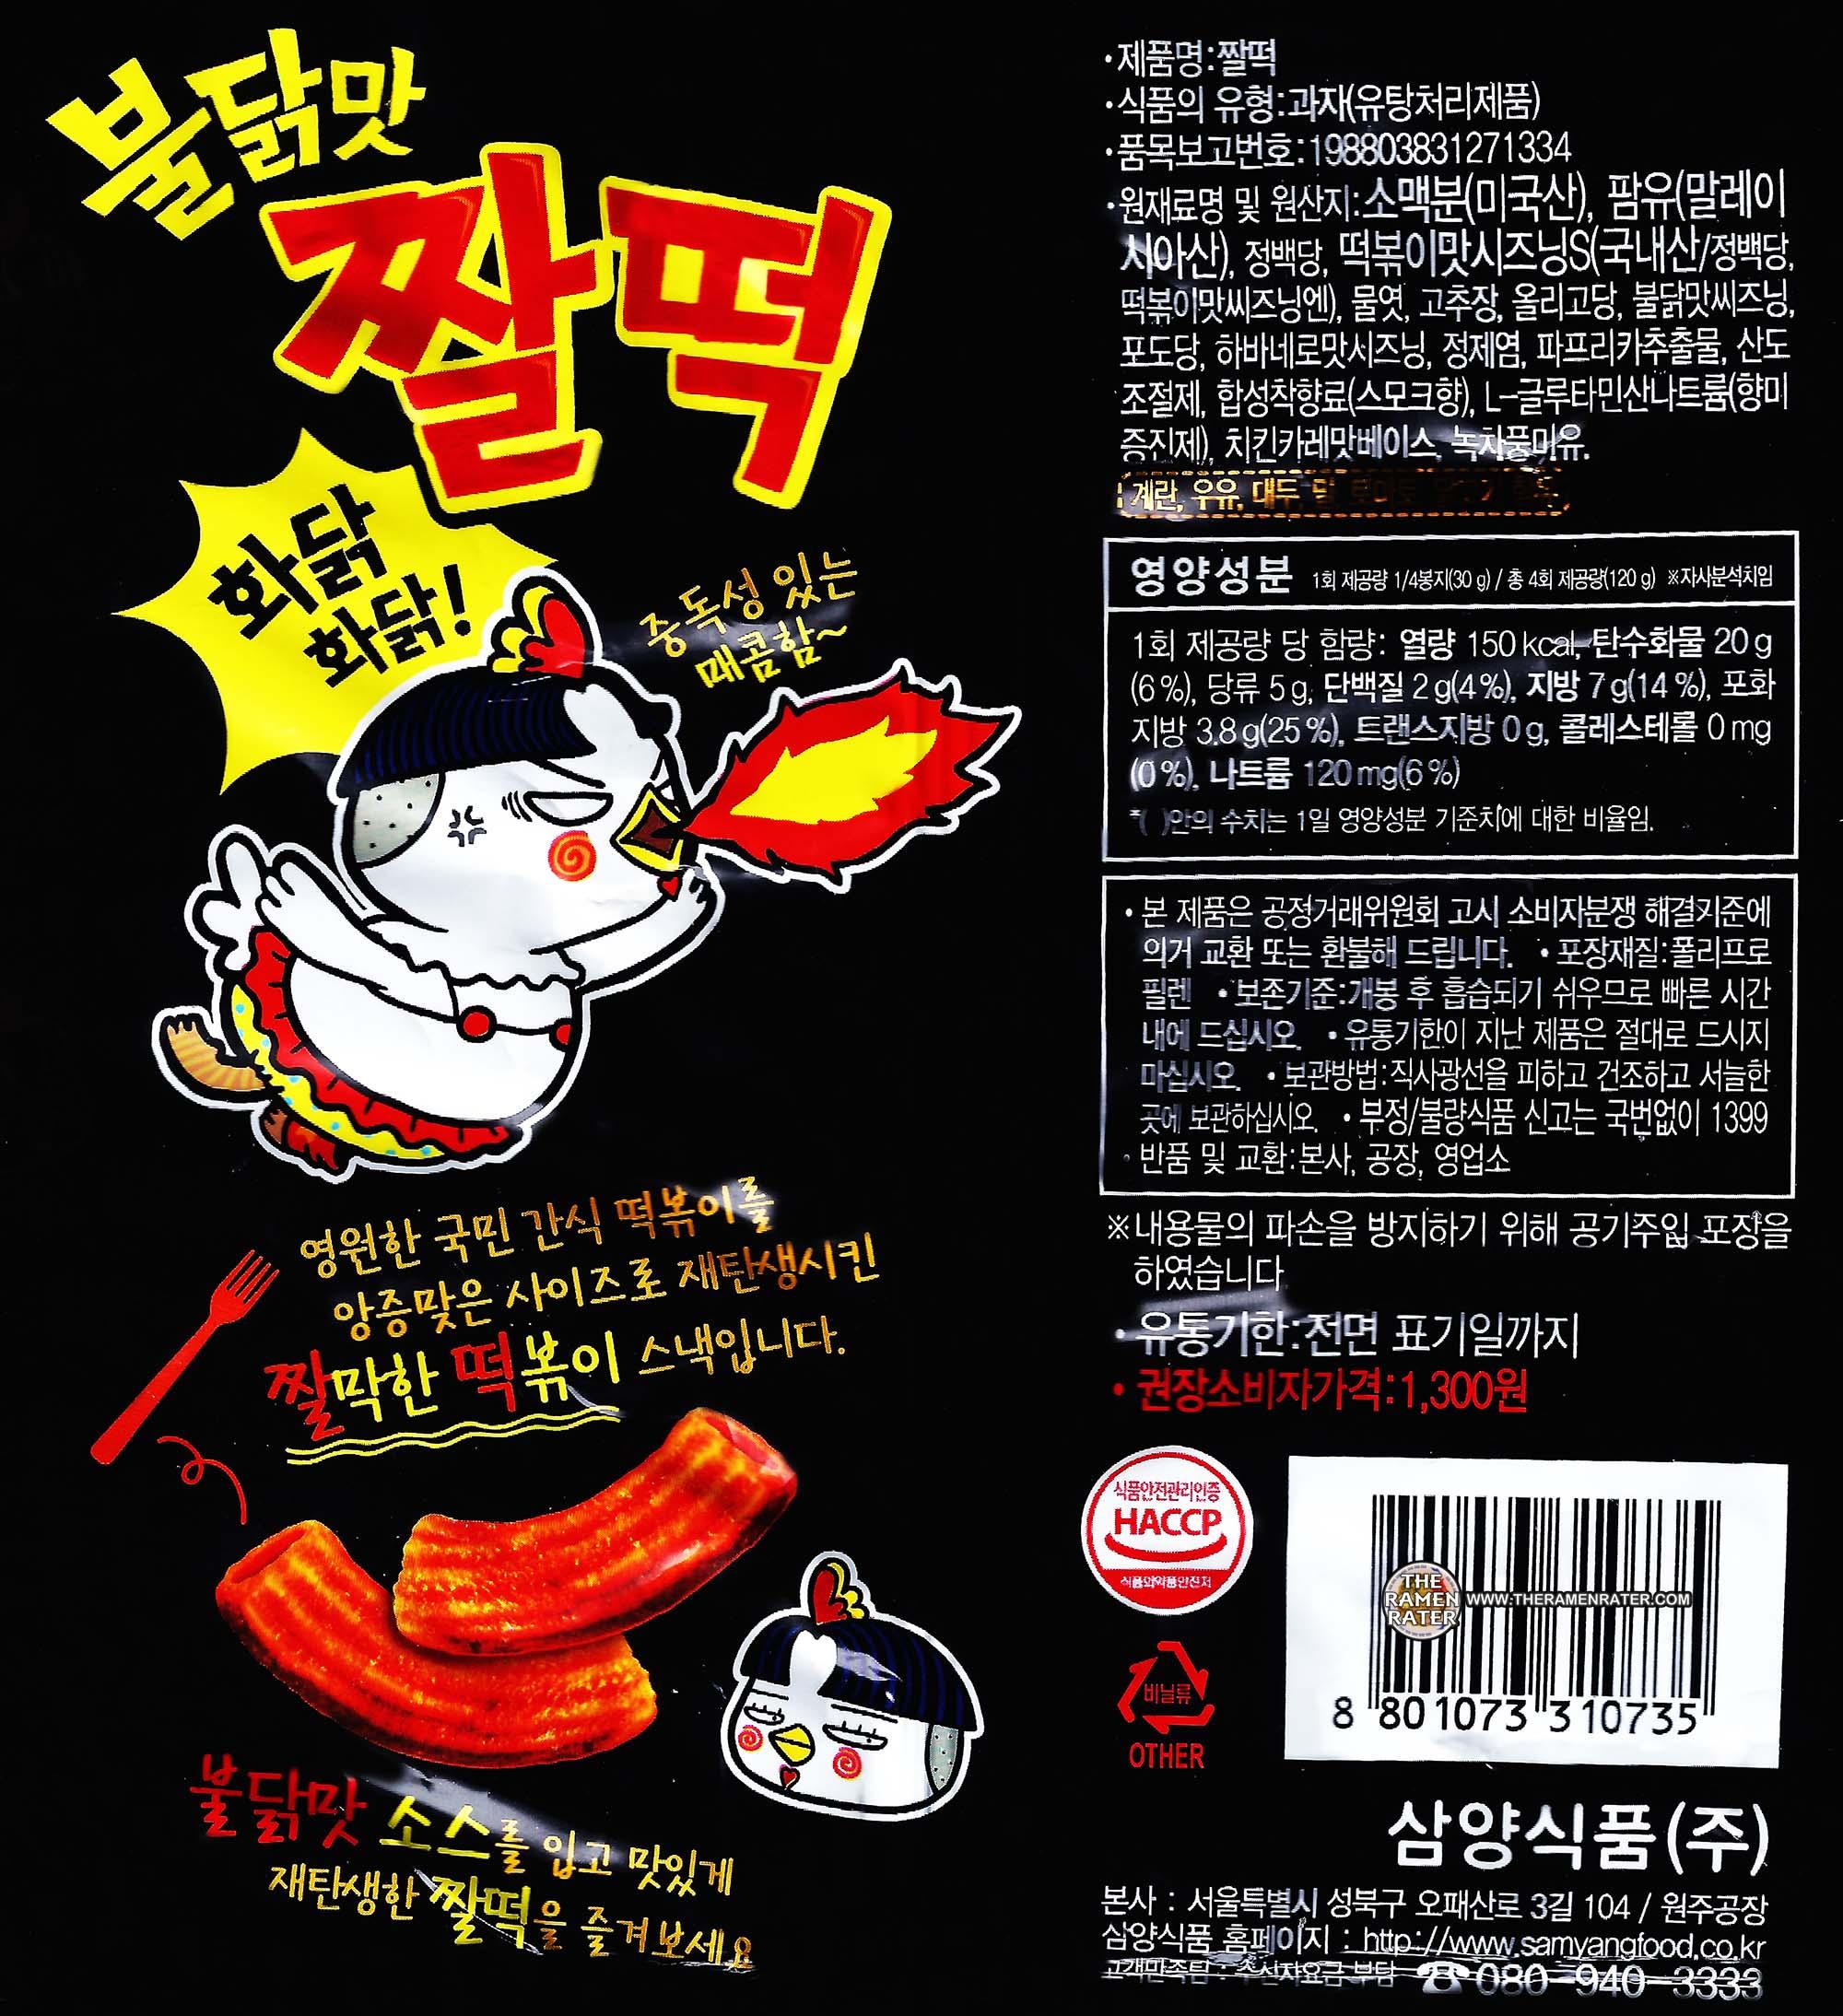 Samyang Foods Archives.